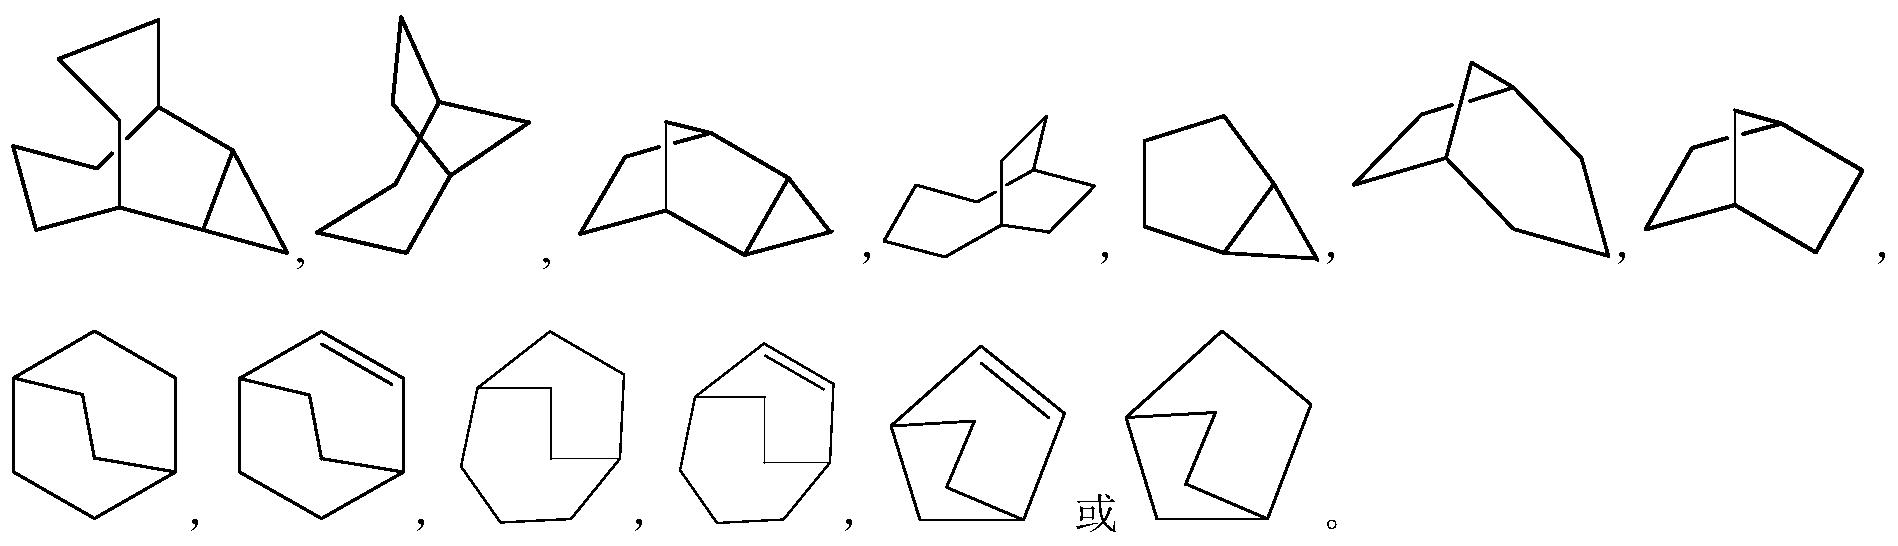 Figure PCTCN2017084604-appb-000012